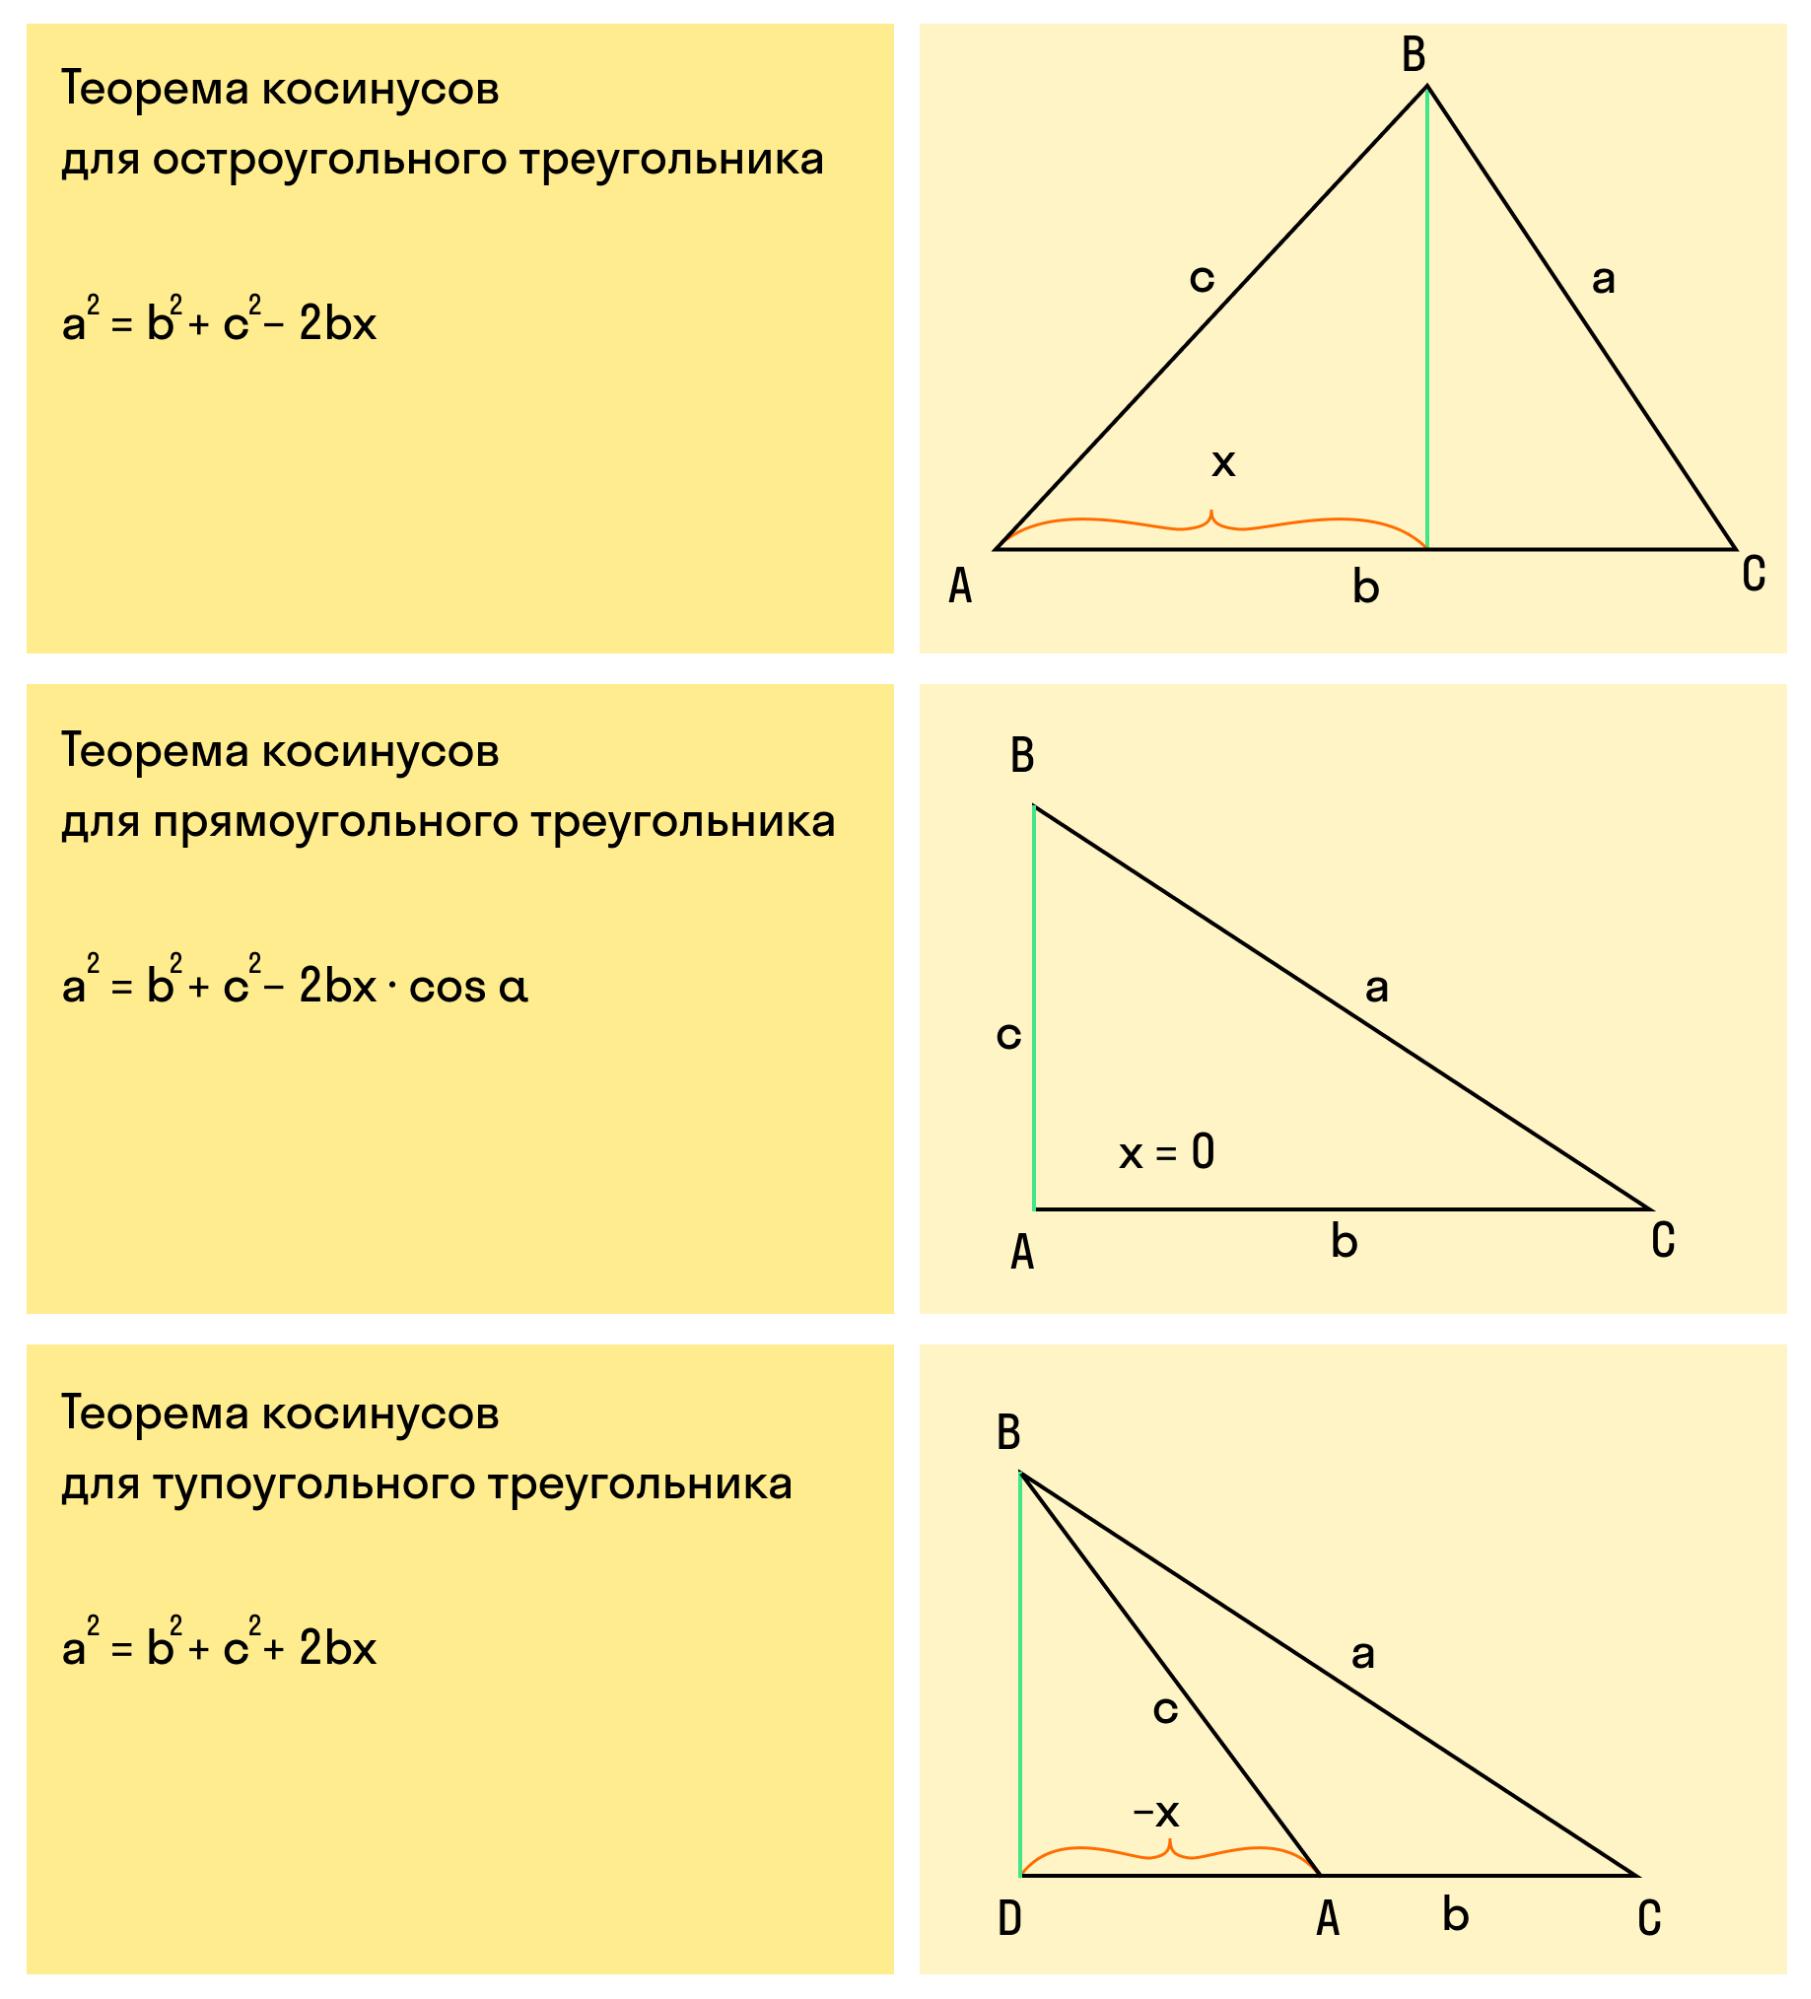 теорема косинусов для треугольников